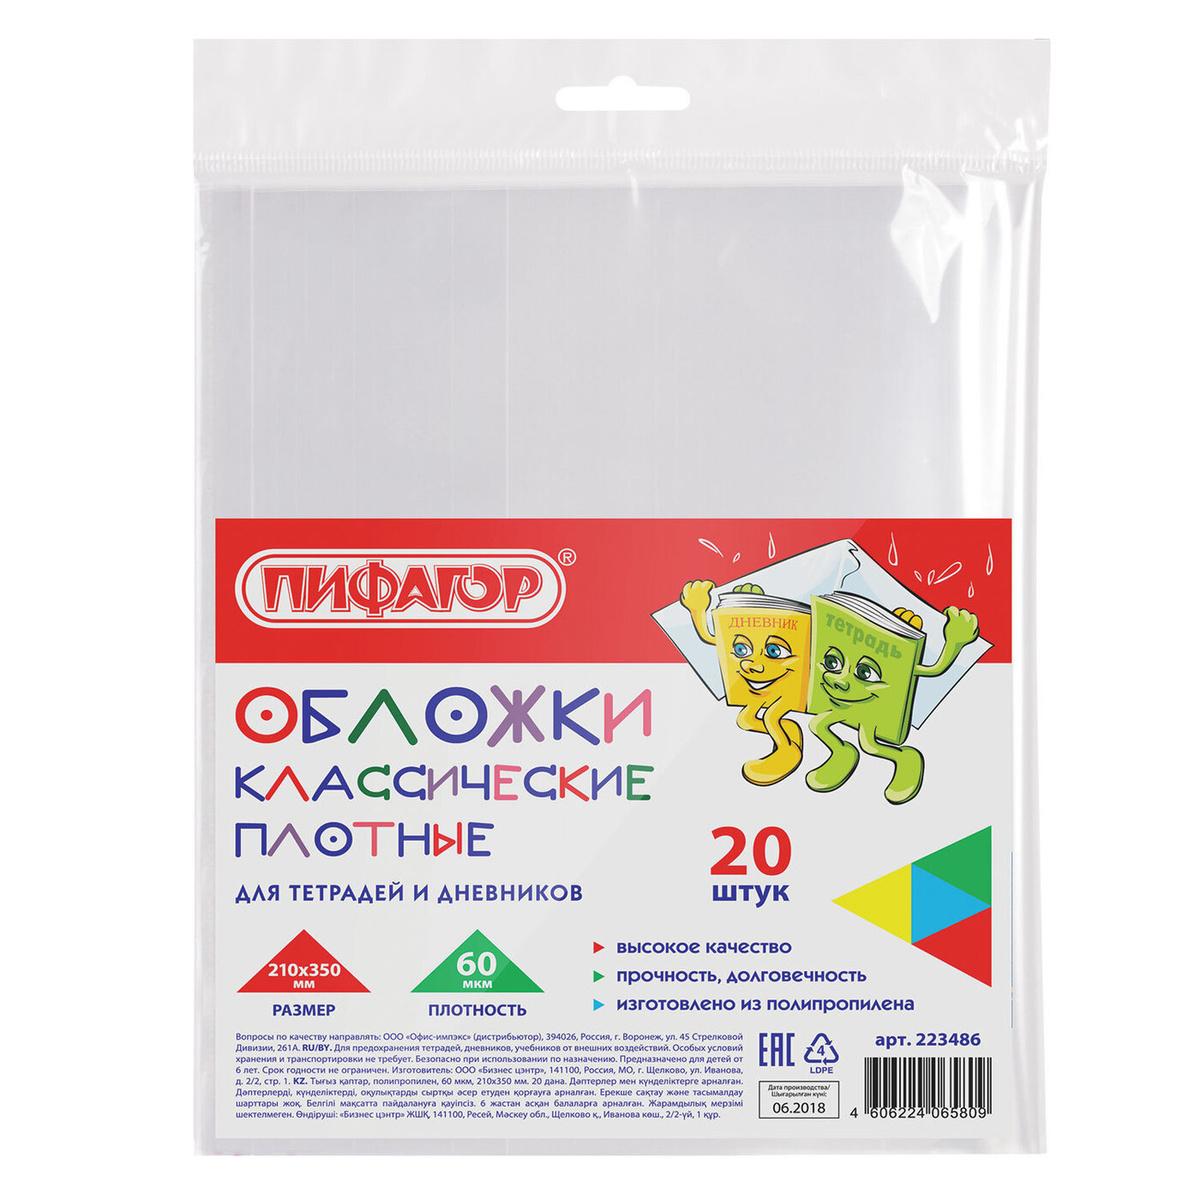 Обложки ПП для тетради и дневника Пифагор, комплект 20 шт., прозрачные, плотные, 60 мкм, 210х350 мм  #1